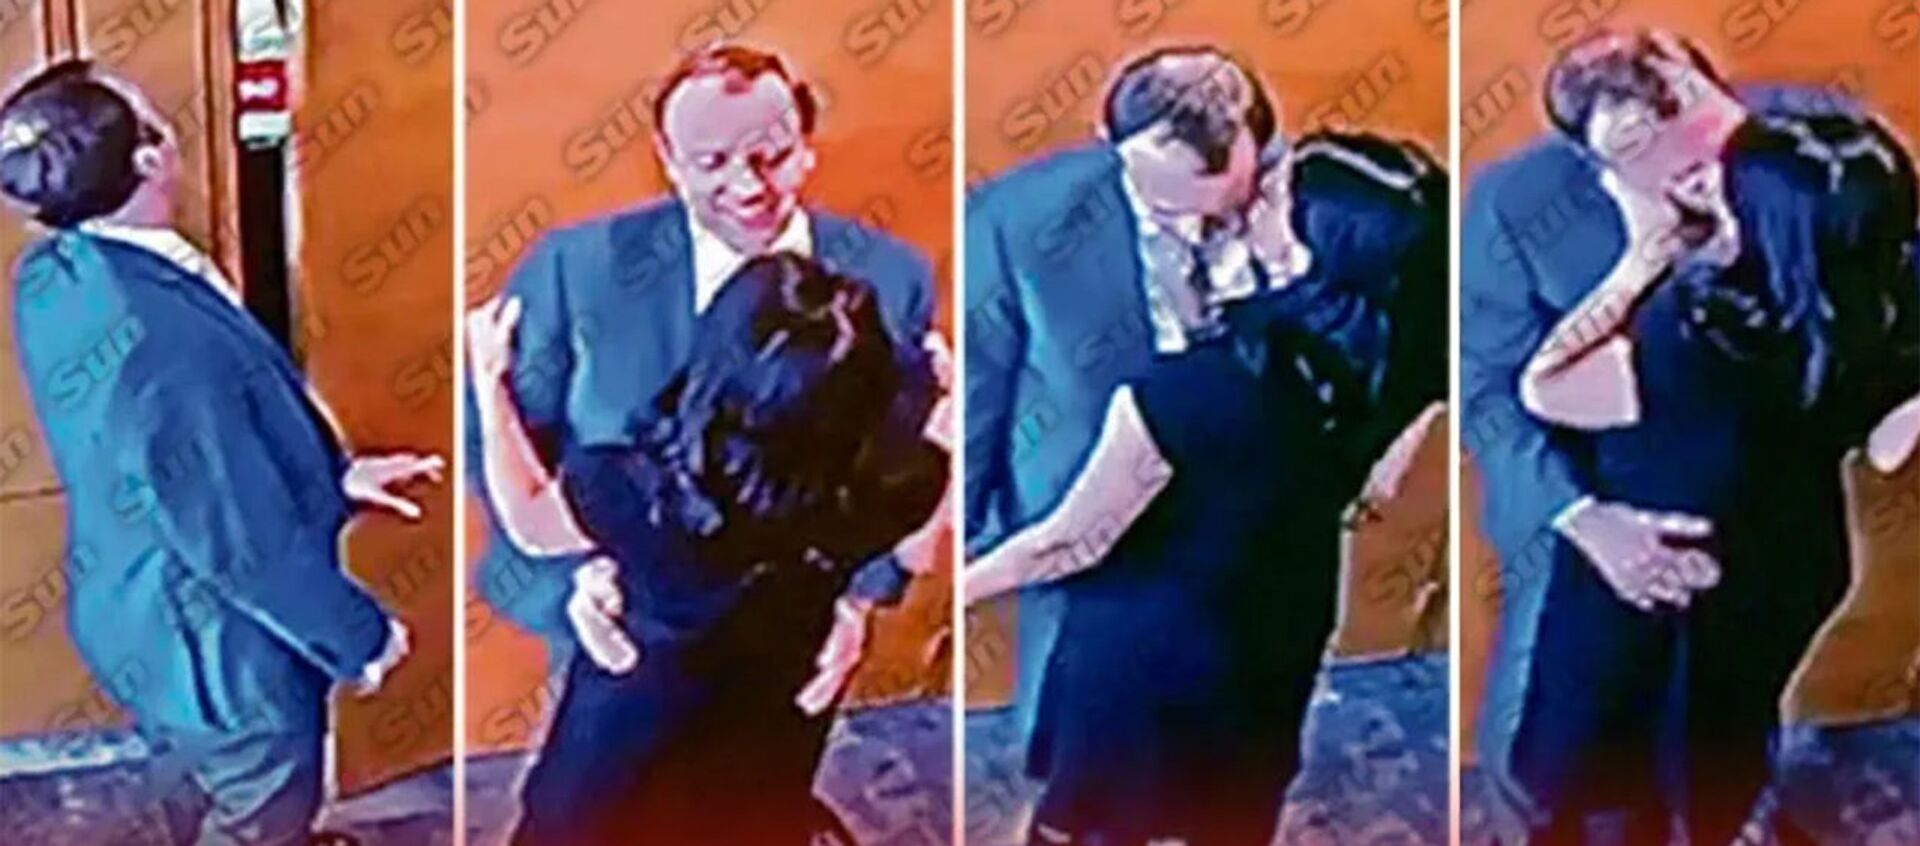 Видео поцелуя Мэтта Хэнкока - Sputnik Արմենիա, 1920, 27.06.2021